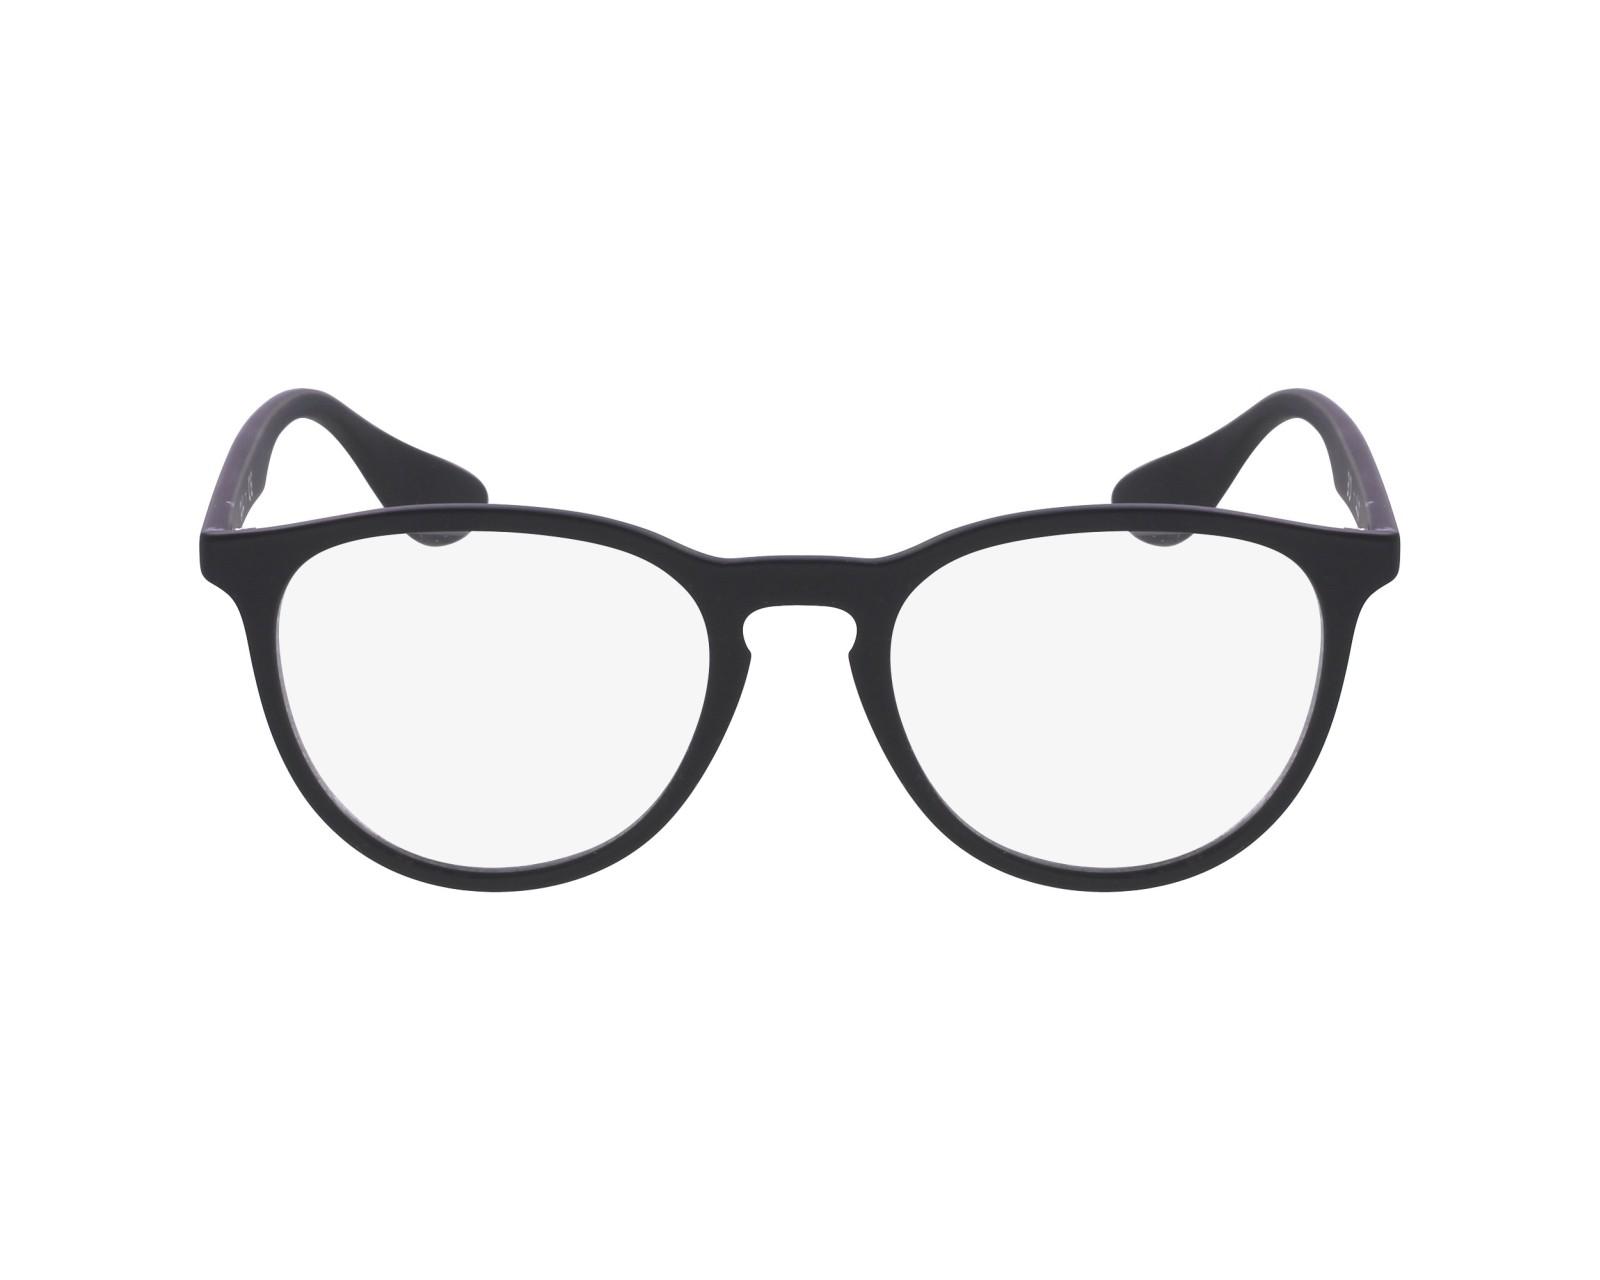 ray ban brille rx 7046 5364 schwarz gl ser. Black Bedroom Furniture Sets. Home Design Ideas